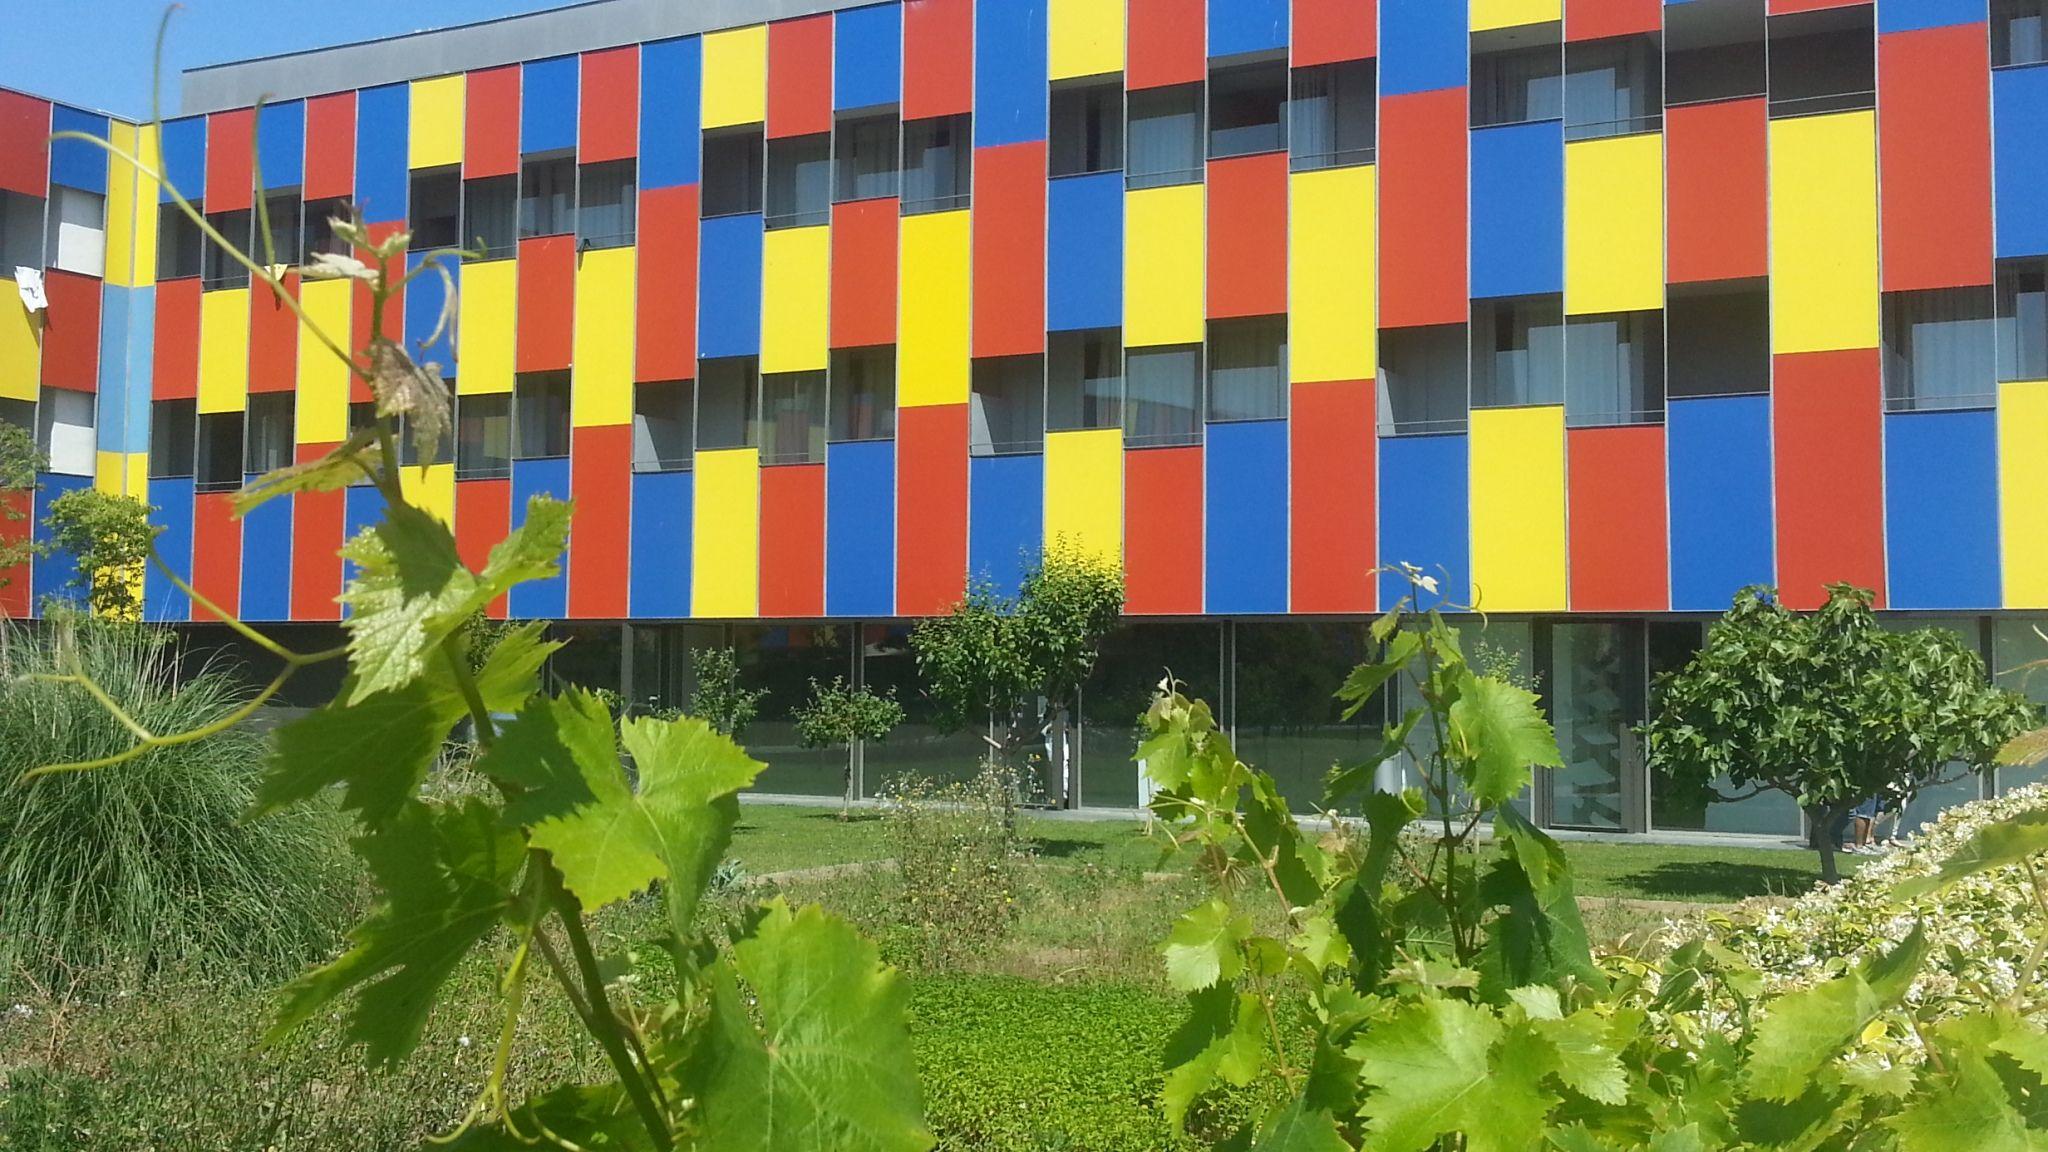 Albergue Centre Esplai Barcelona, habitaciones con terraza con vistas a jardín interior.